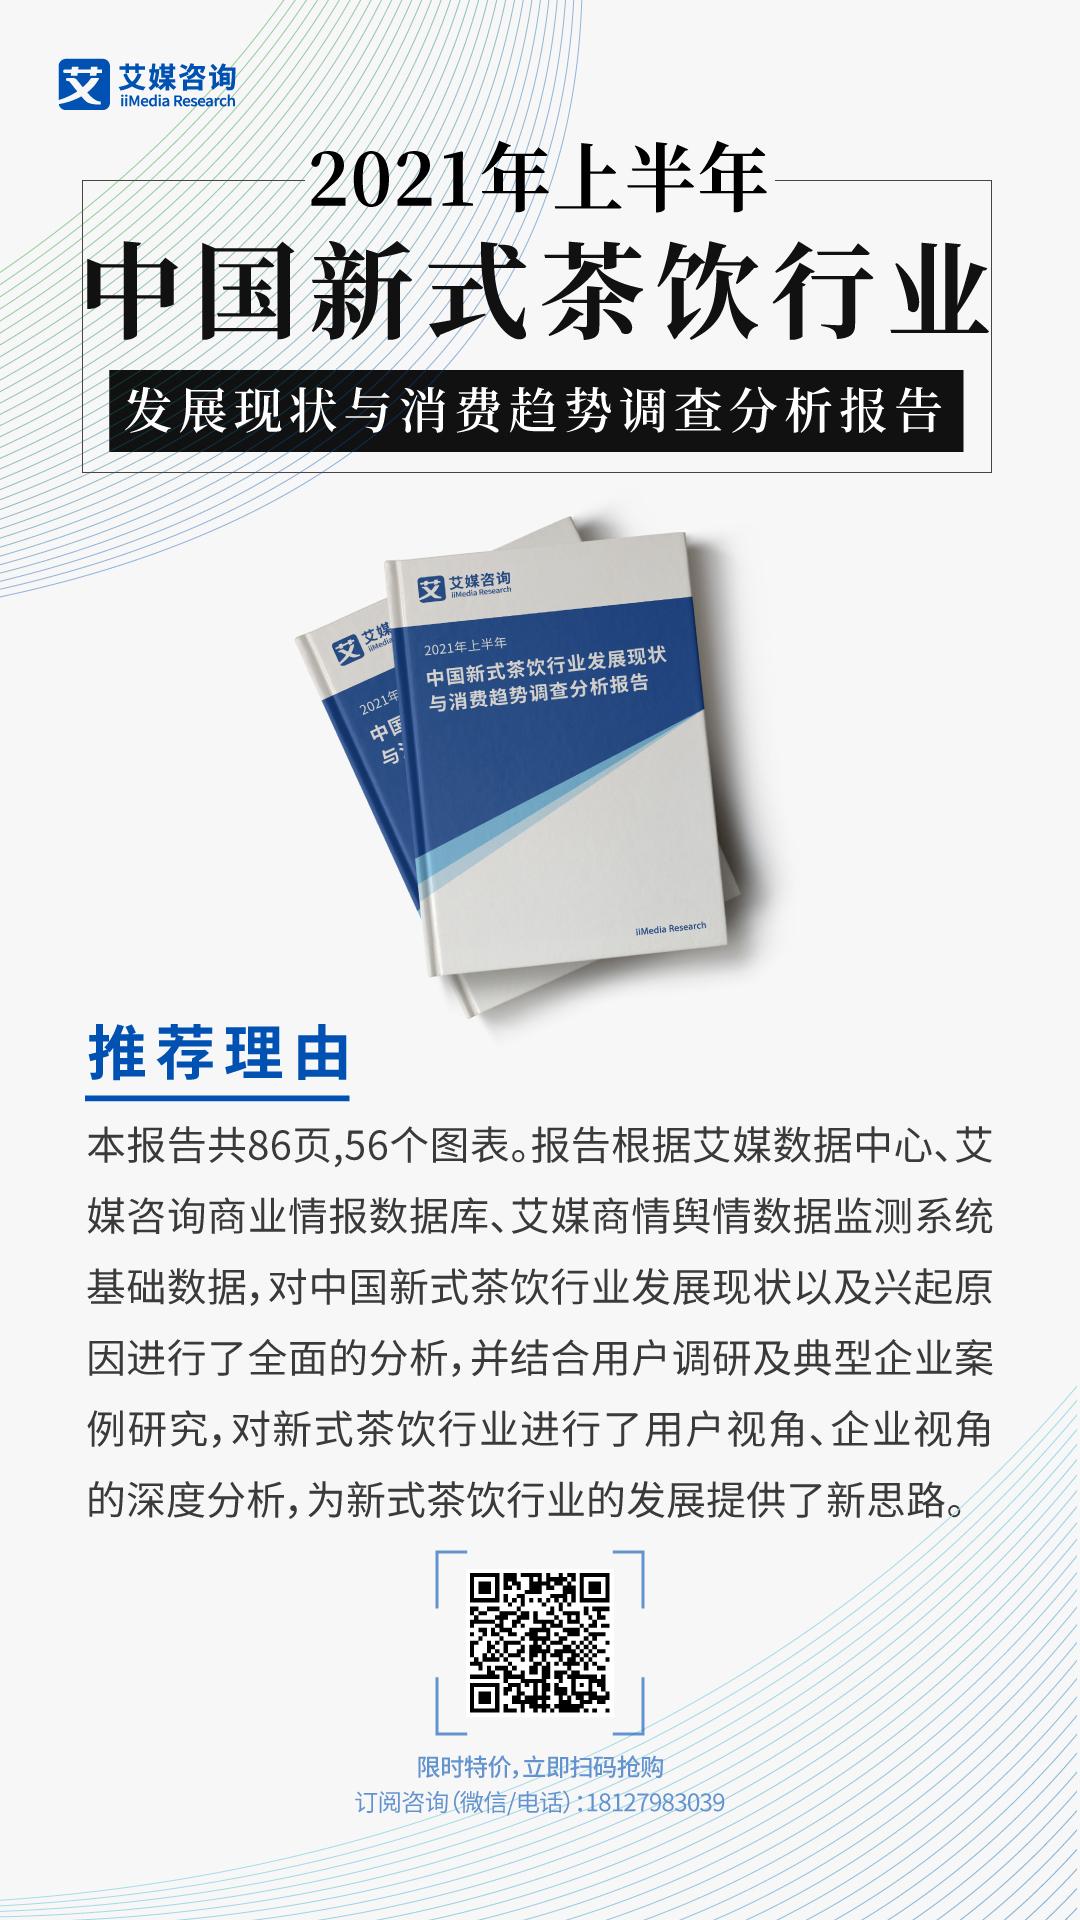 2021年上半年中国新式茶饮行业发展现状报告